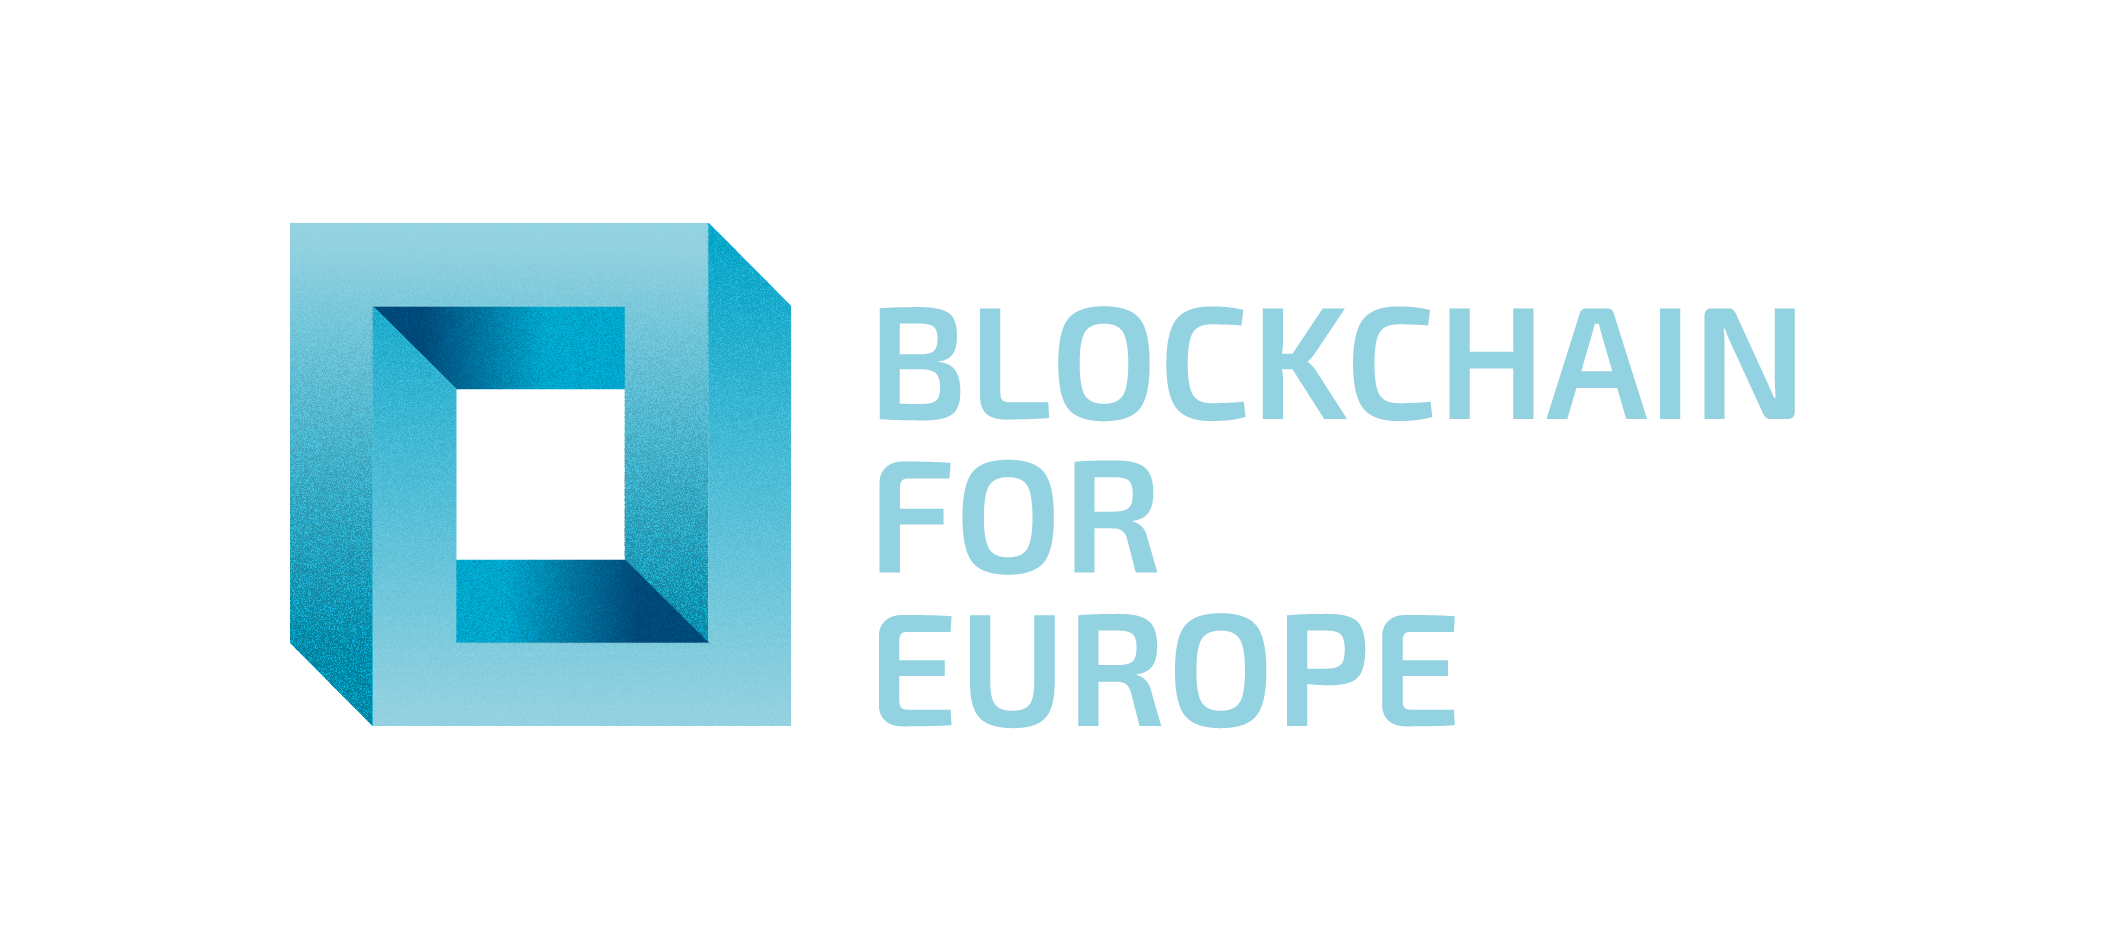 Blockchain for Europe